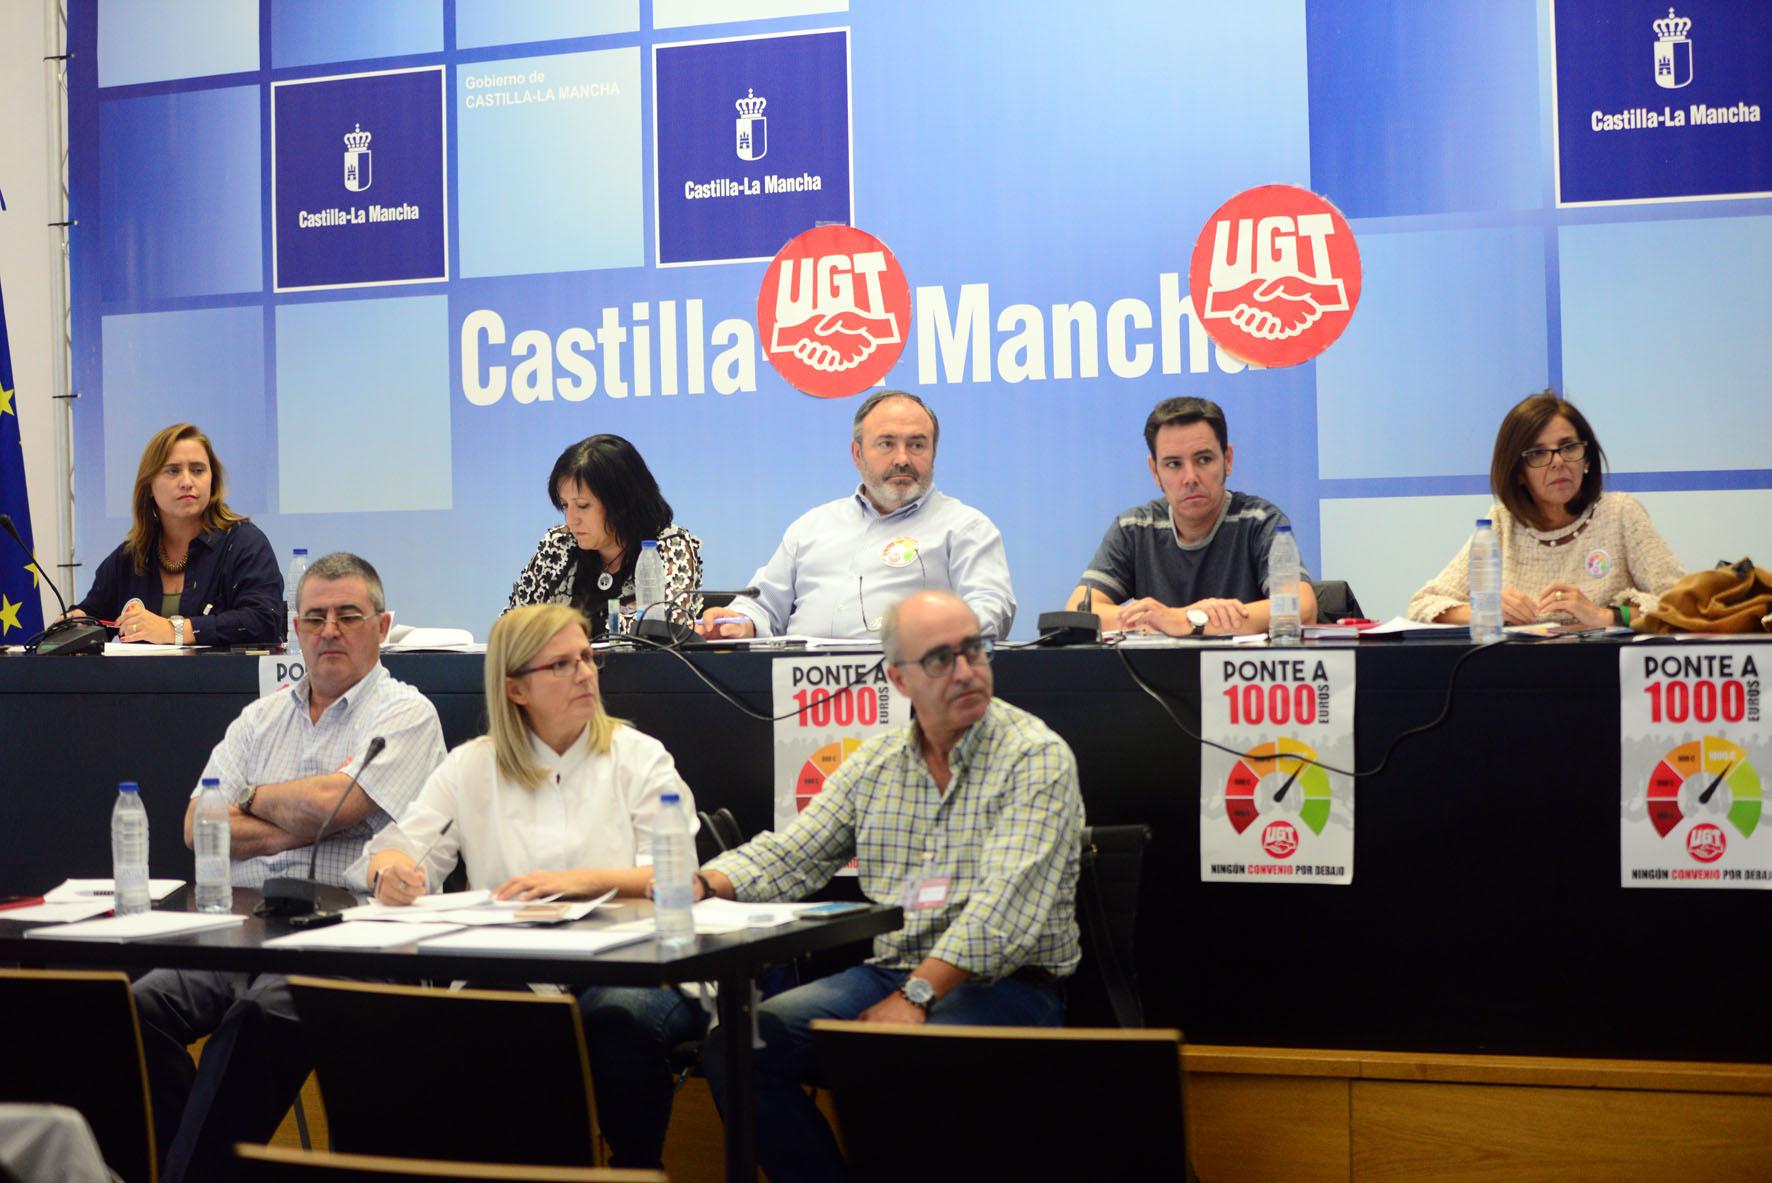 Pedrosa en el Comité Regional UGT.